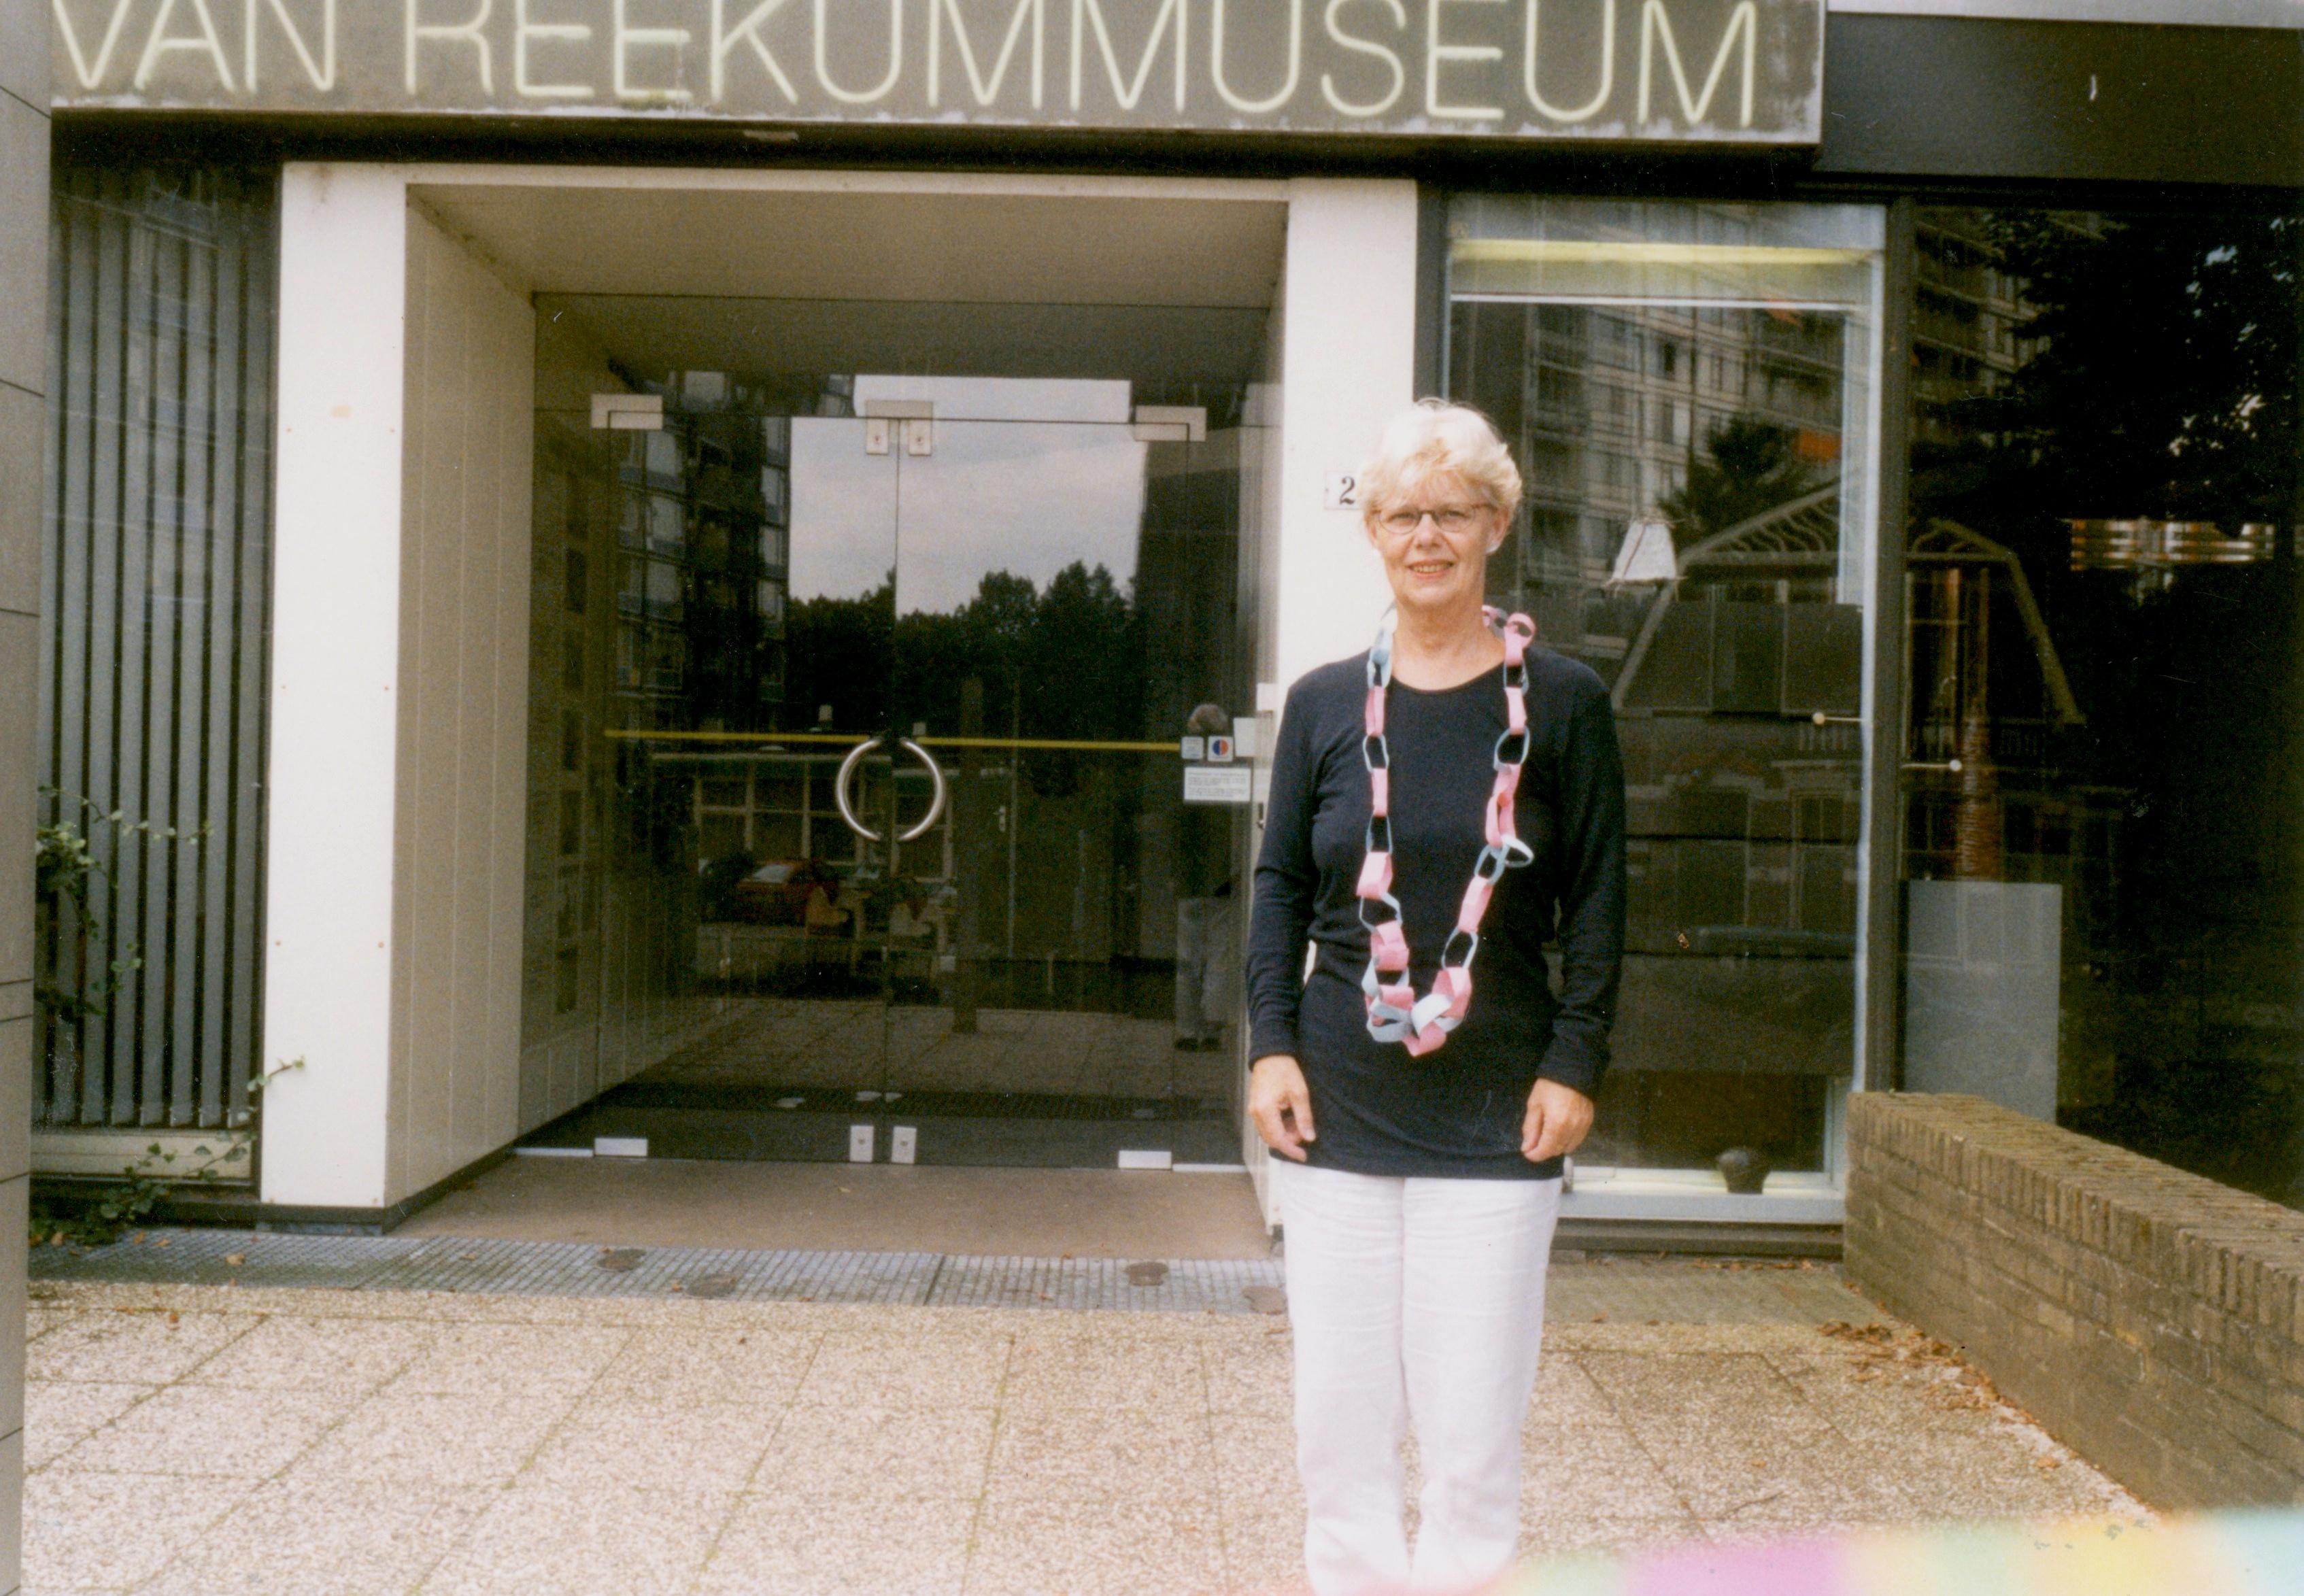 Claartje Keur, Zelfportret met halssieraad van Marieke Wijers, Apeldoorn, Van Reekum Museum, 3 augustus 1998. Foto Claartje Keur